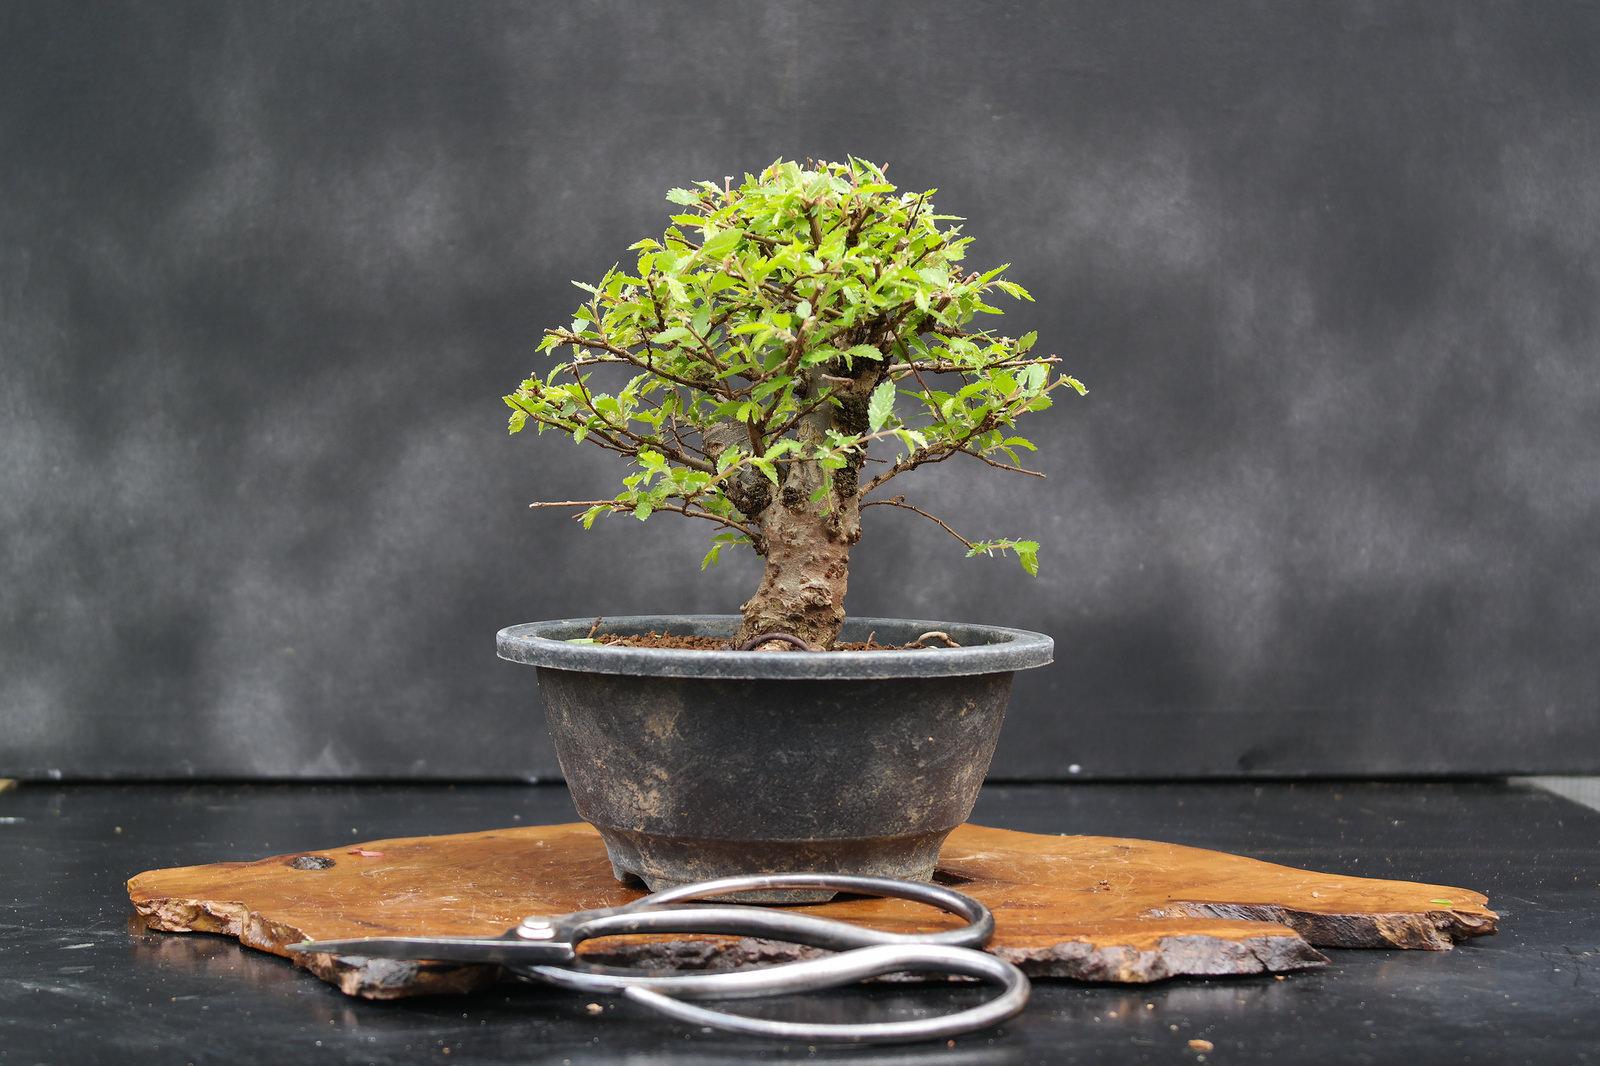 Un bonsai è per la vita. La bellezza del tempo in una pianta